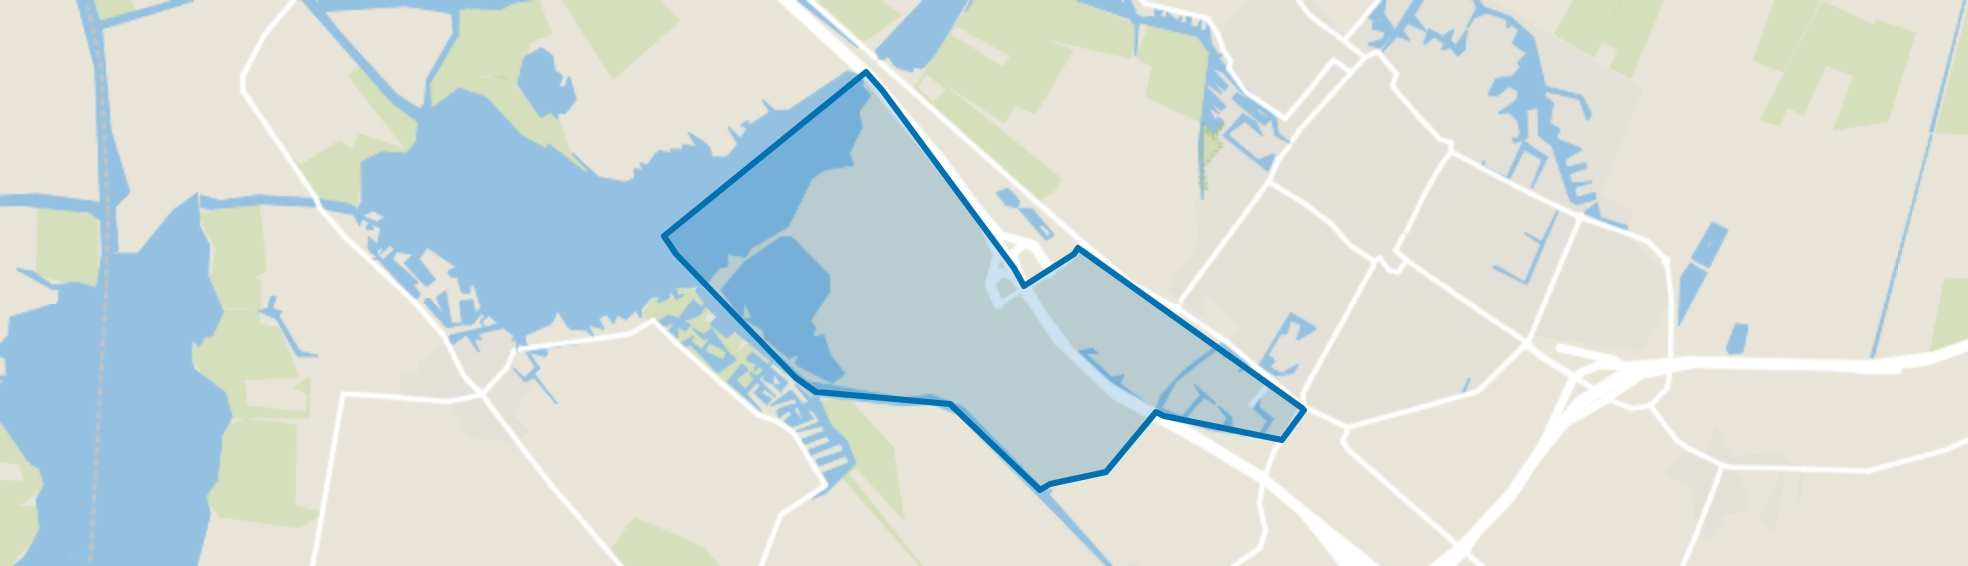 Joure, Woudfennen, Joure map